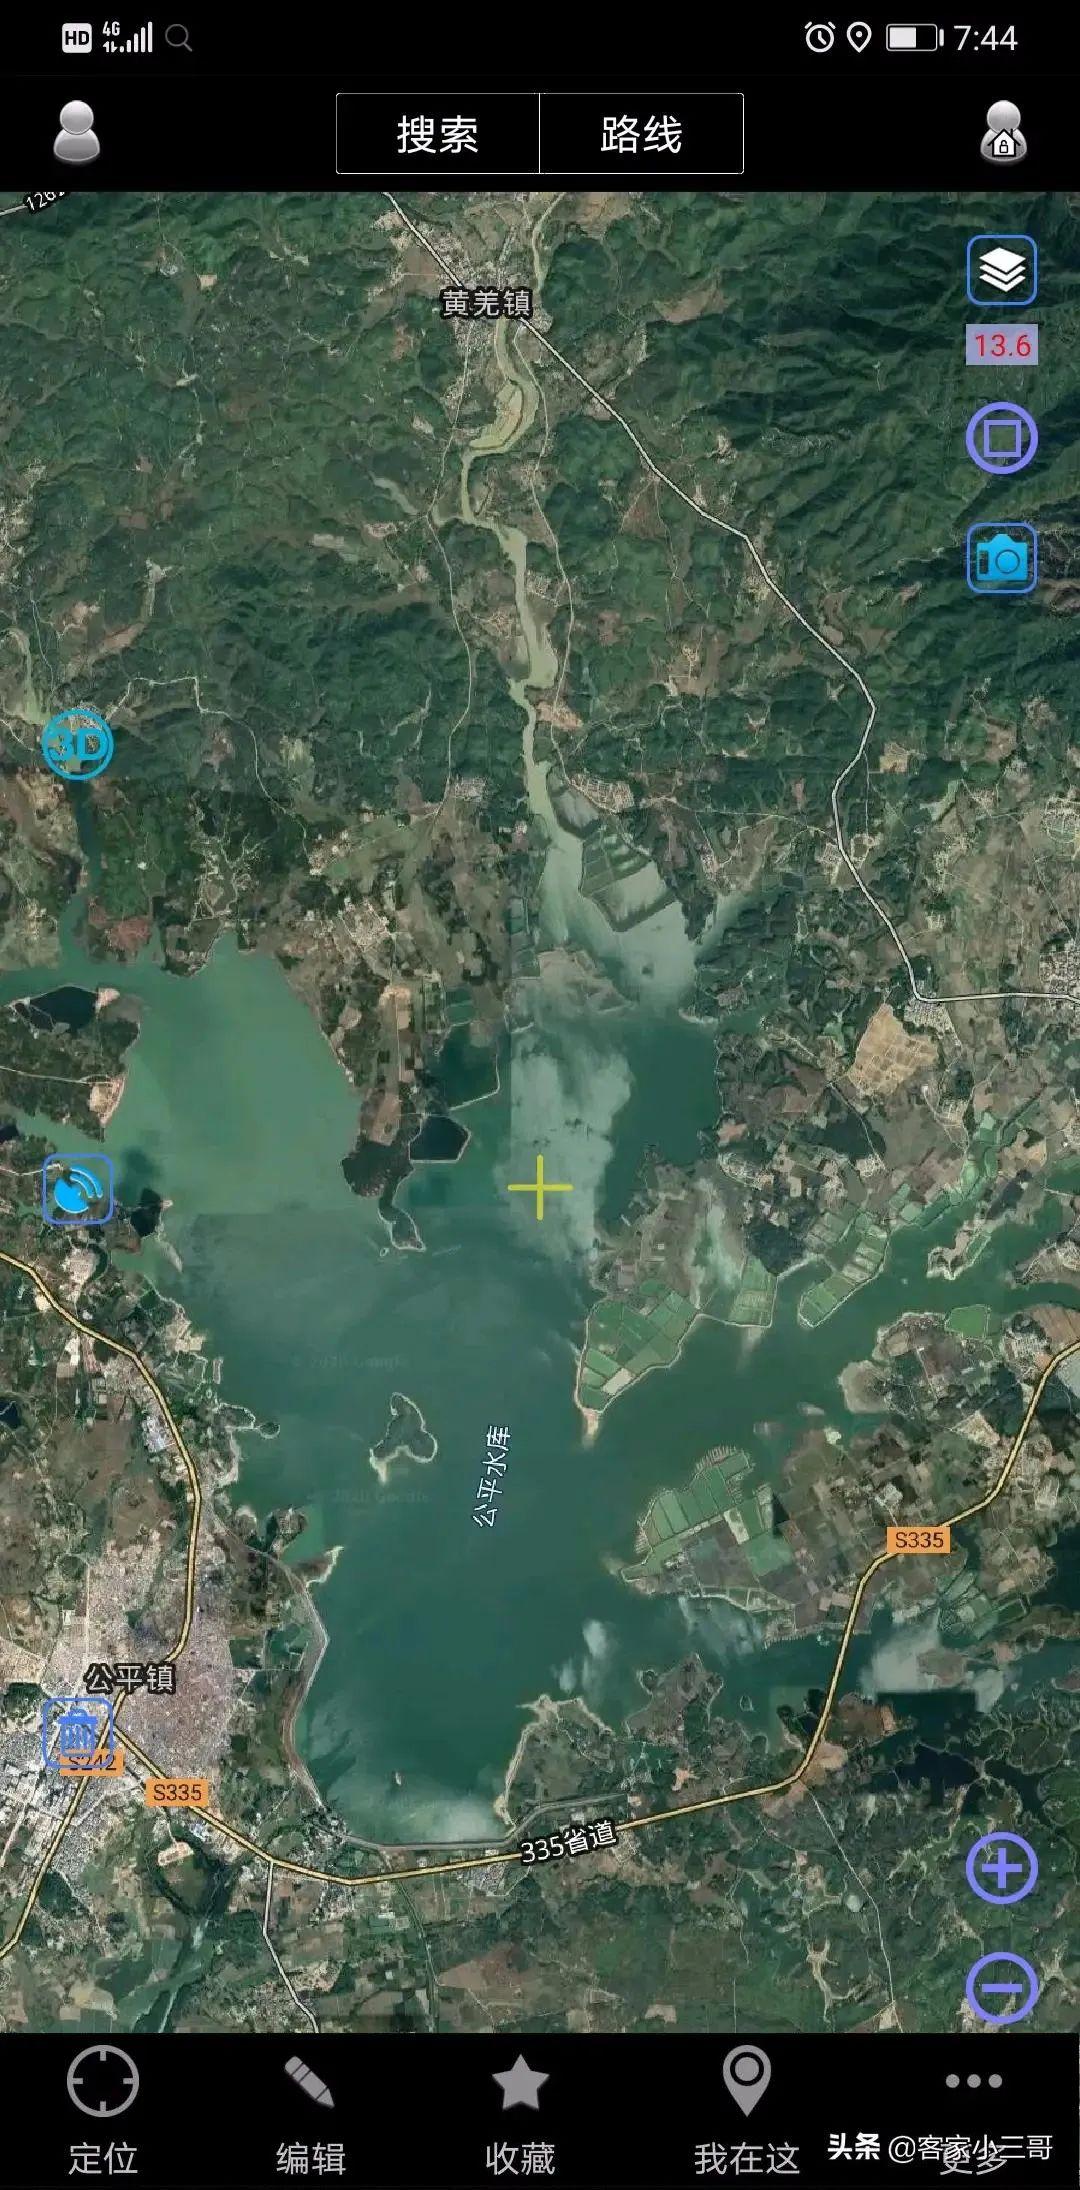 汕尾地区最大的三个水库,个个风景优美,你们有去玩过吗? 汕尾吃喝玩乐 第1张